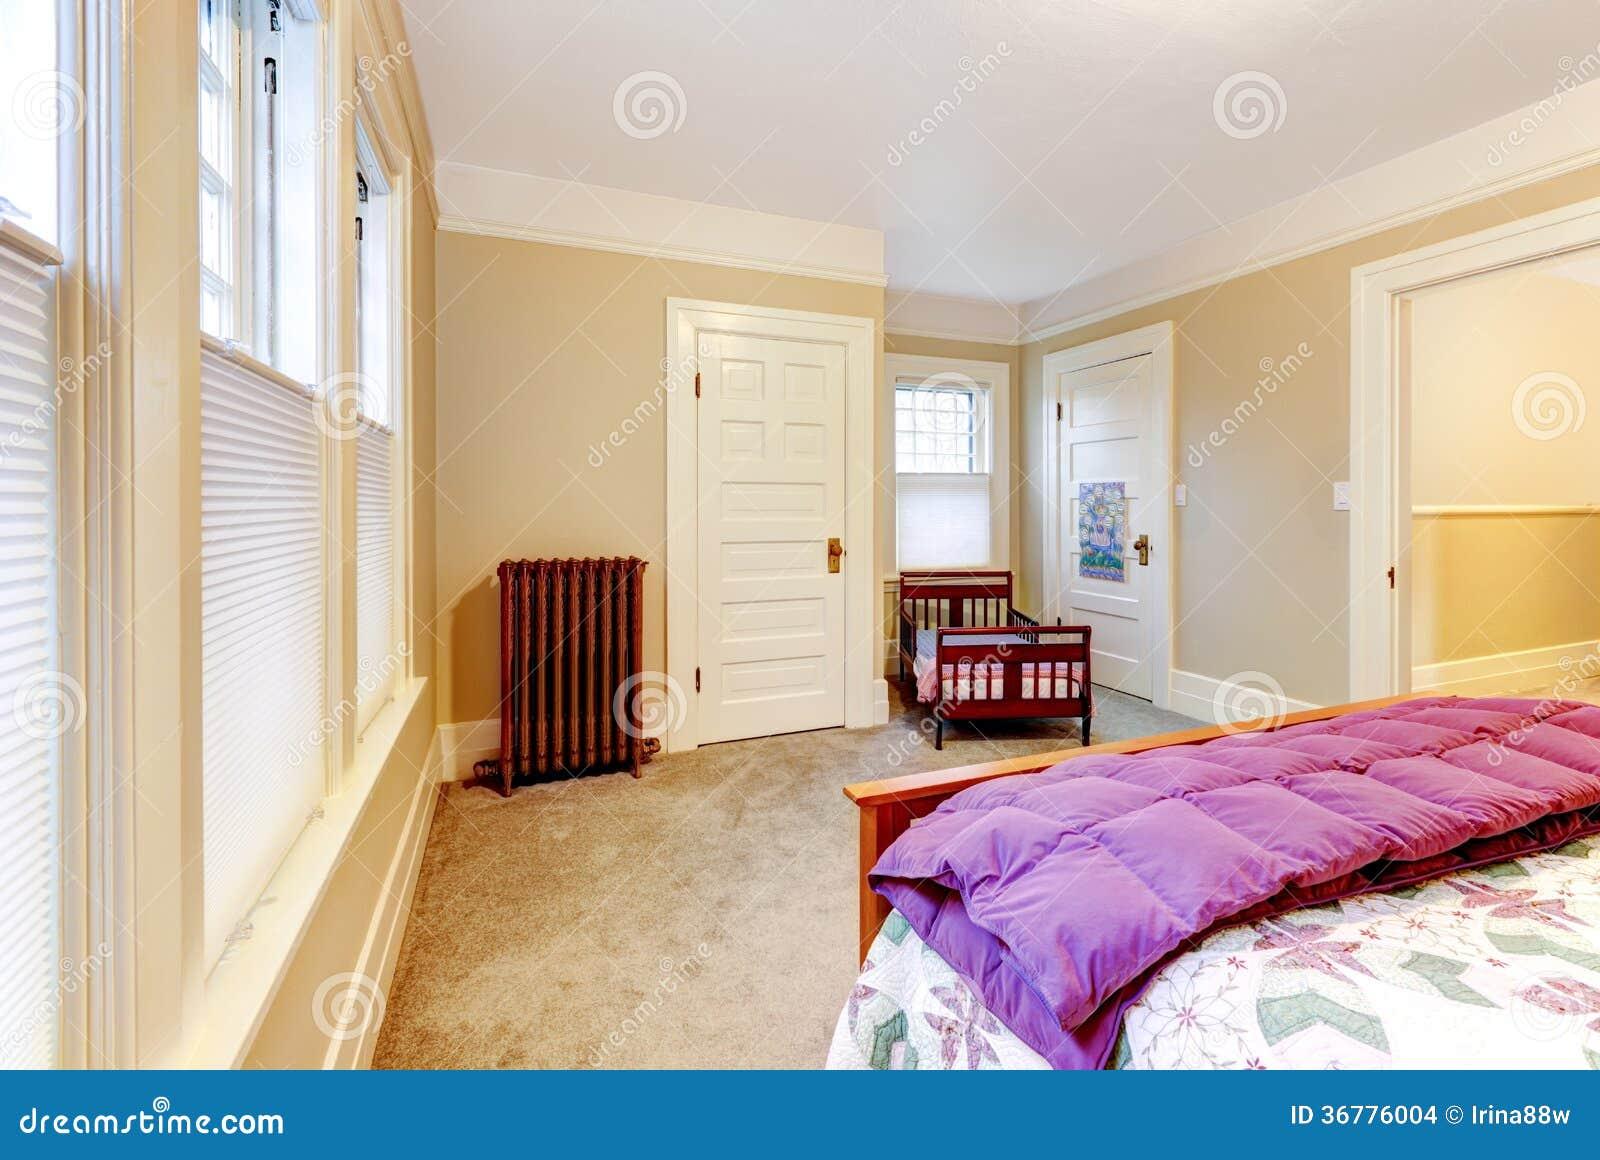 Slaapkamer Bruin Met Wit : Small Bedroom with Crib